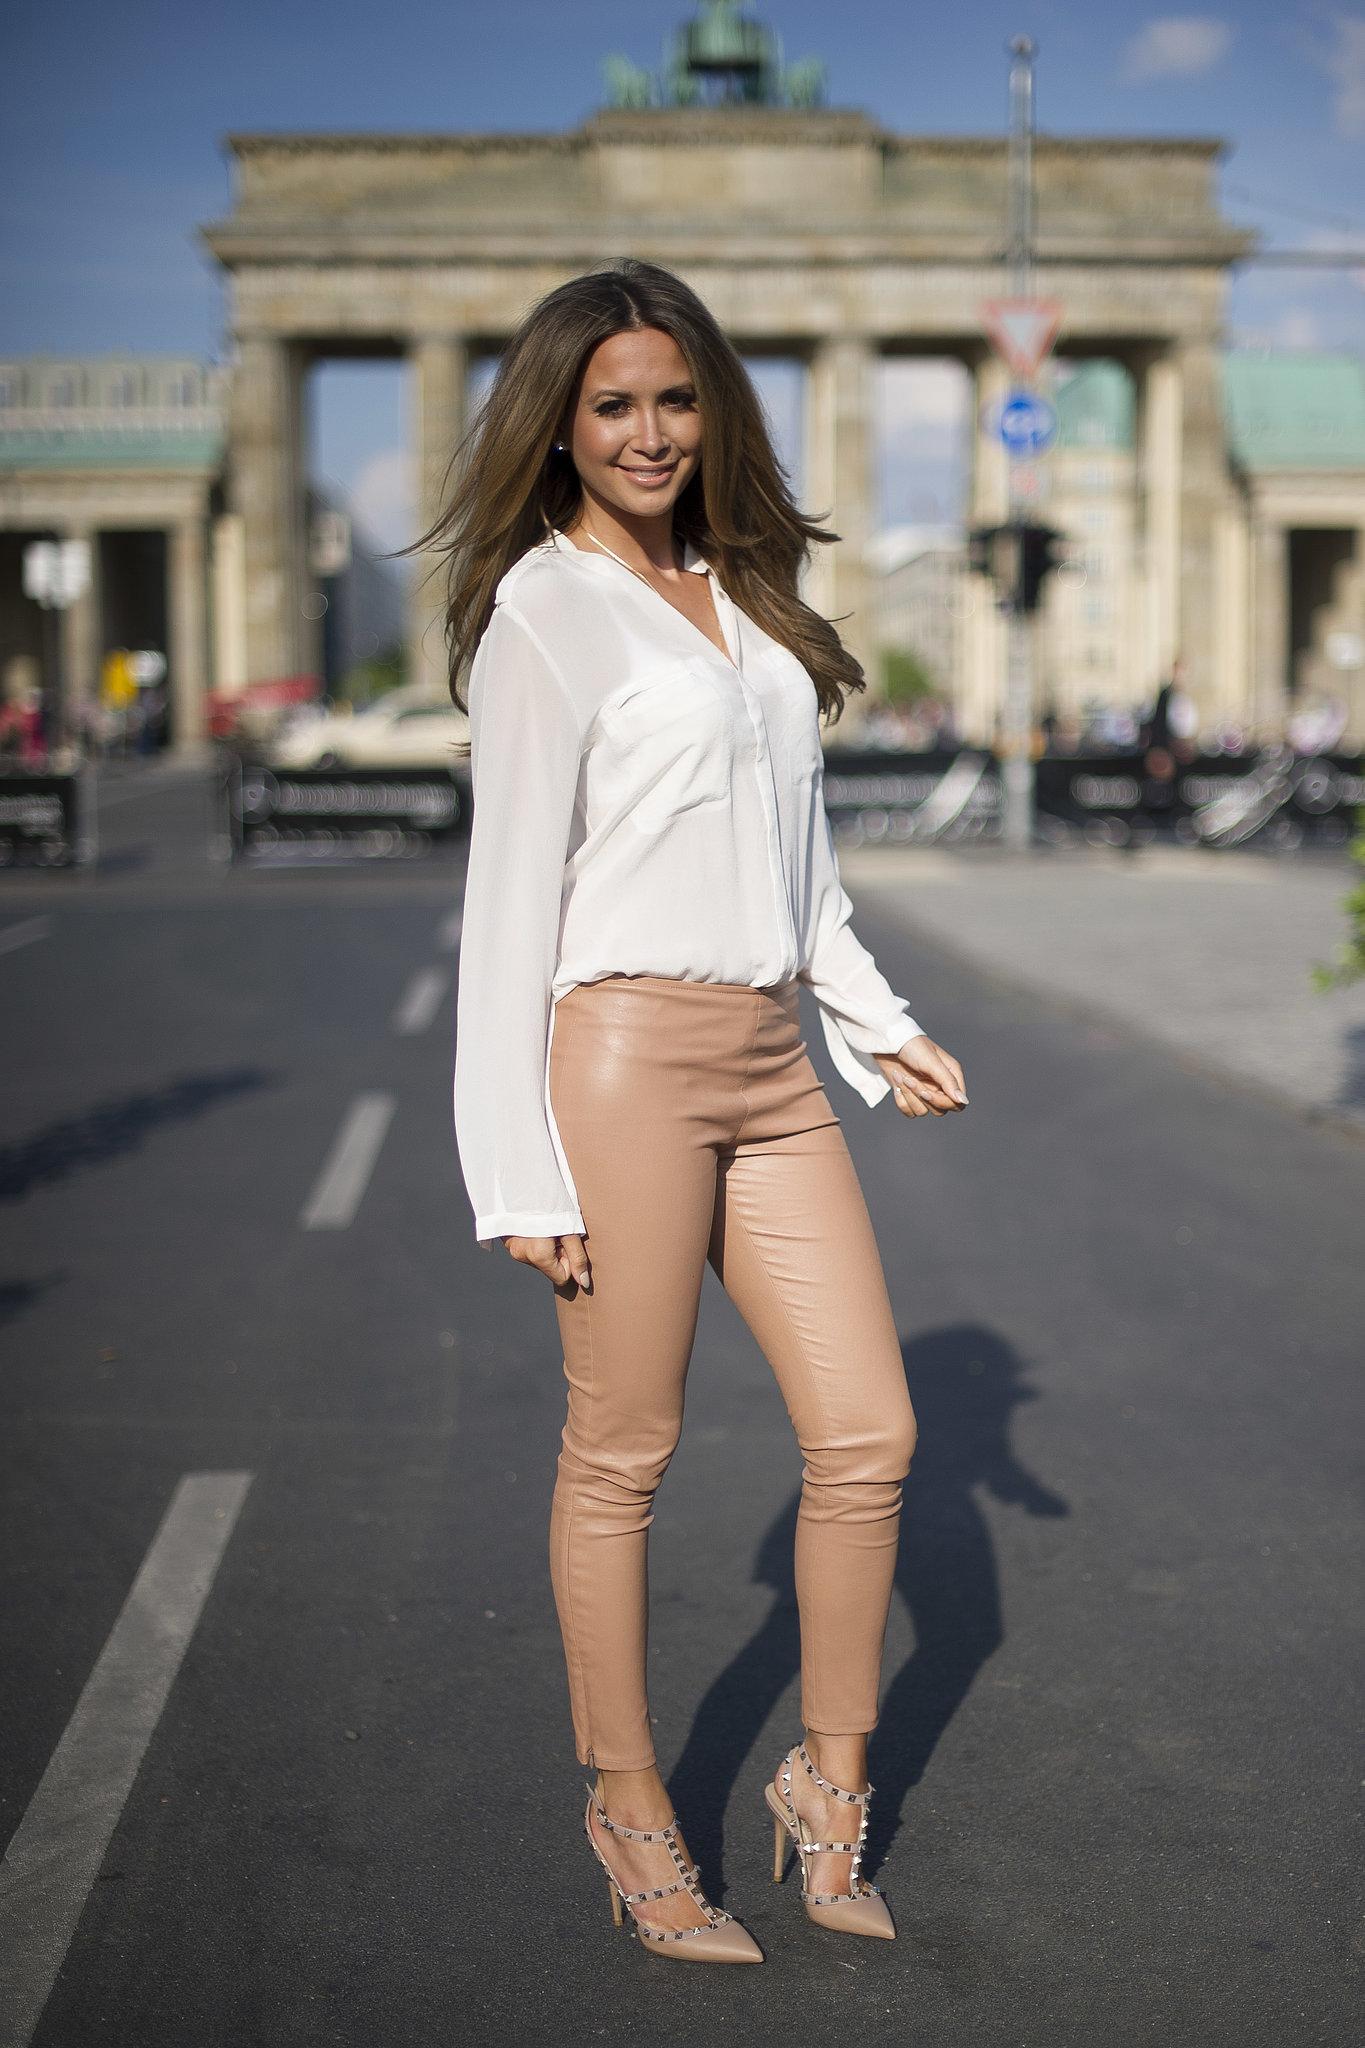 Образ с кожаными штанами нежно-розового цвета